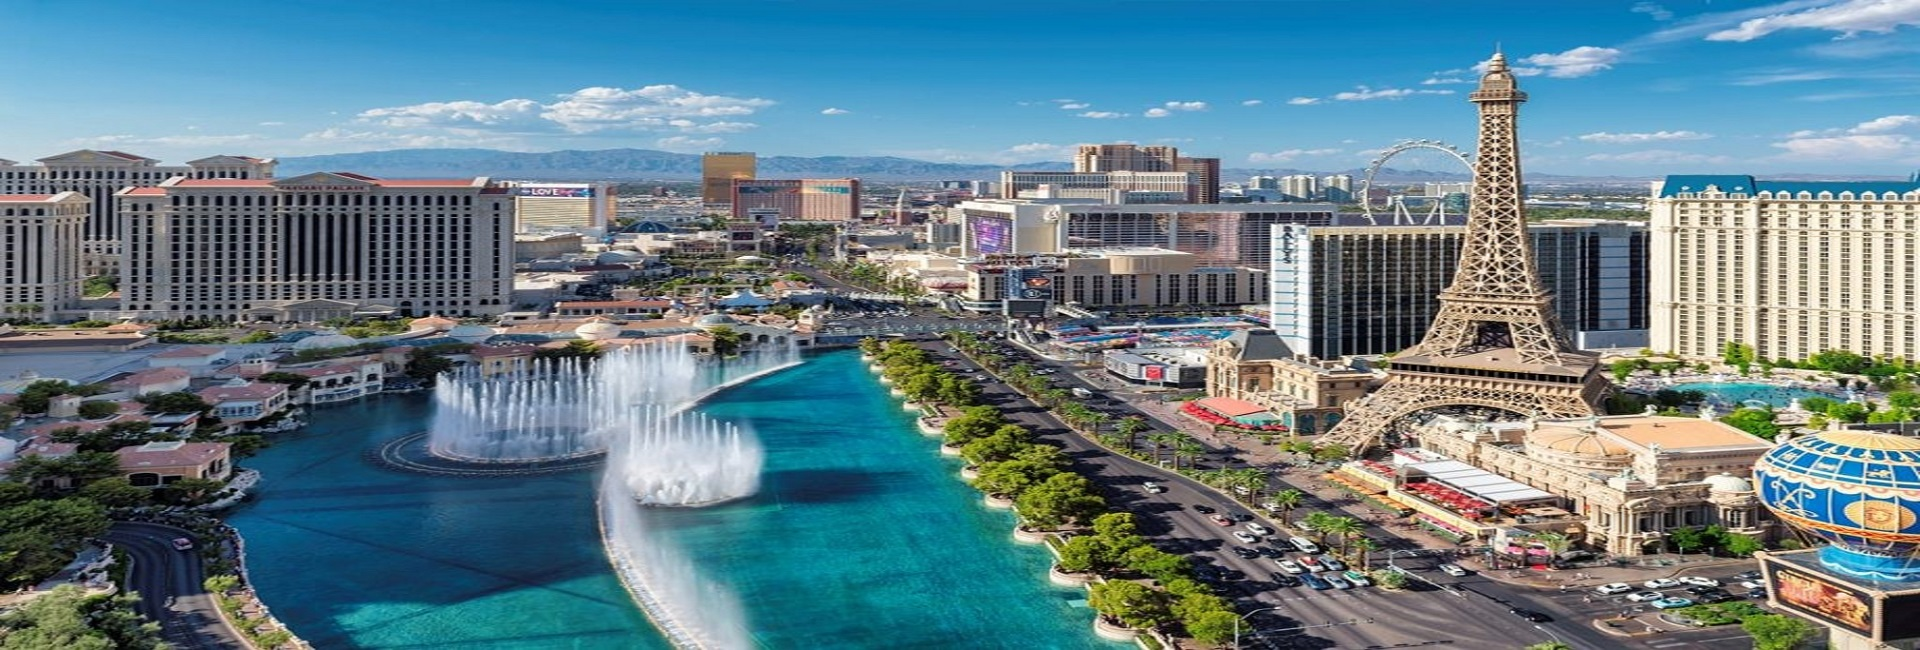 Platinum Hotel Vegas Specials